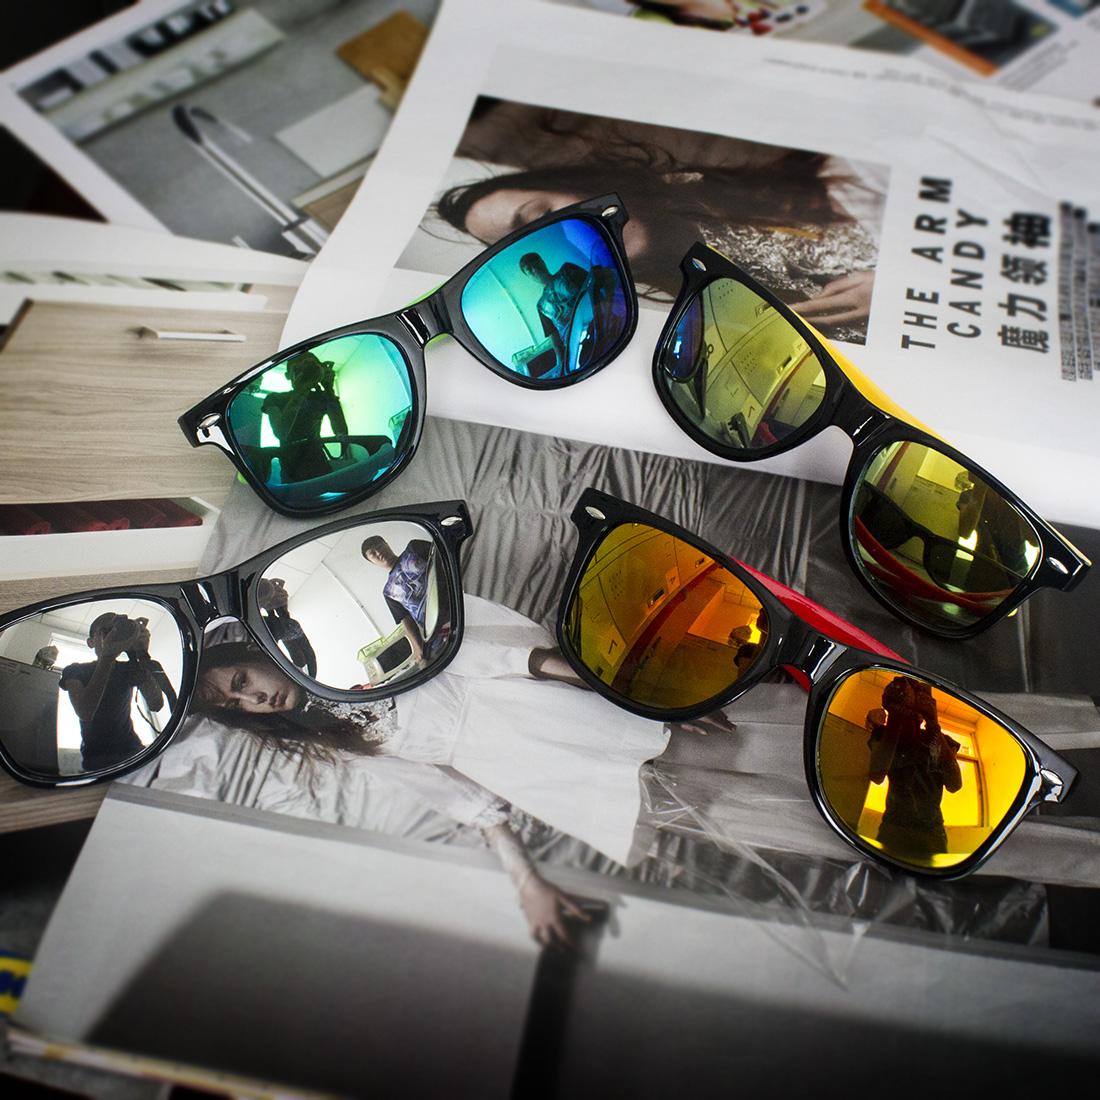 2016 Mode Nouveau Design Femmes Hommes Rétro Vintage lunettes de Soleil  Miroir soleil lunettes Lunettes Avec Boîte de Verre beaa8cc74ca9